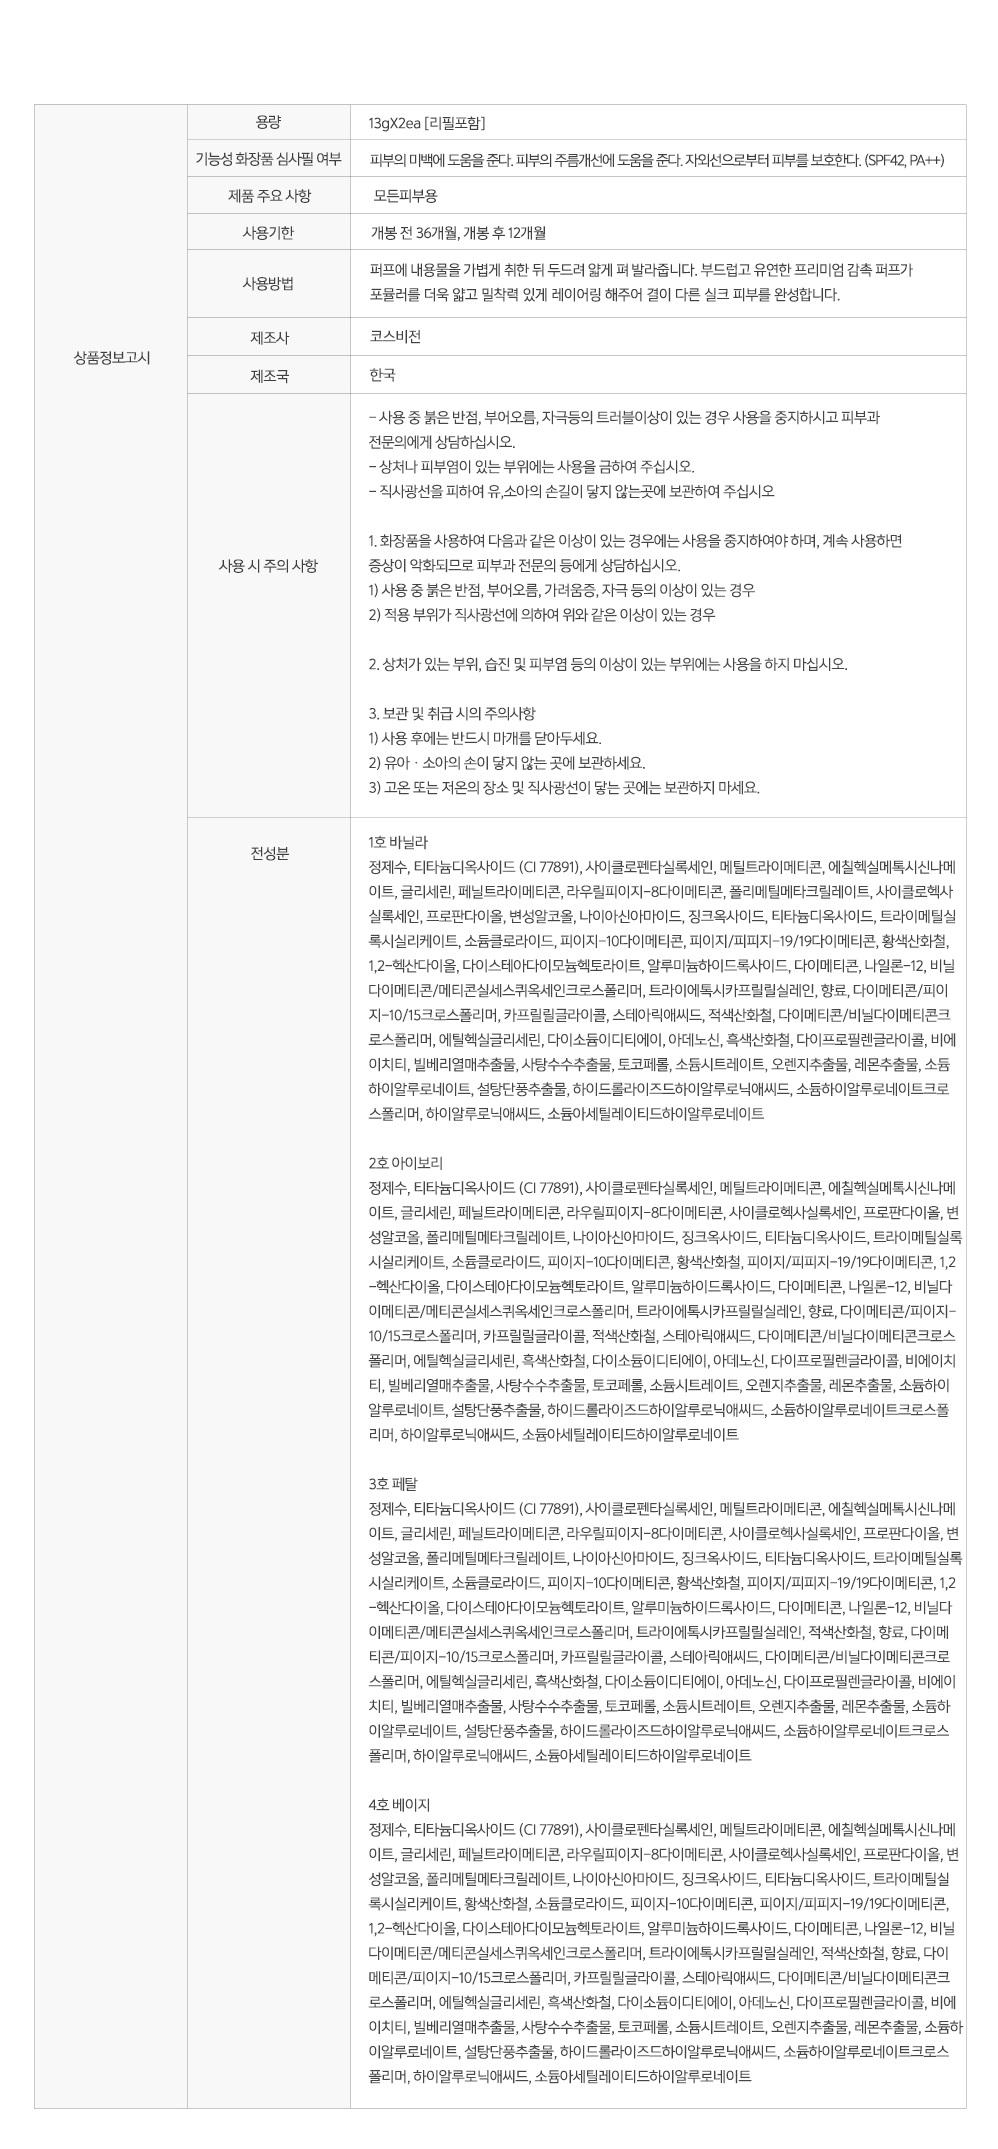 【韓國代購】*0528 Espoir 黑殼控油氣墊粉餅13gx2 一般兩芯 (x)